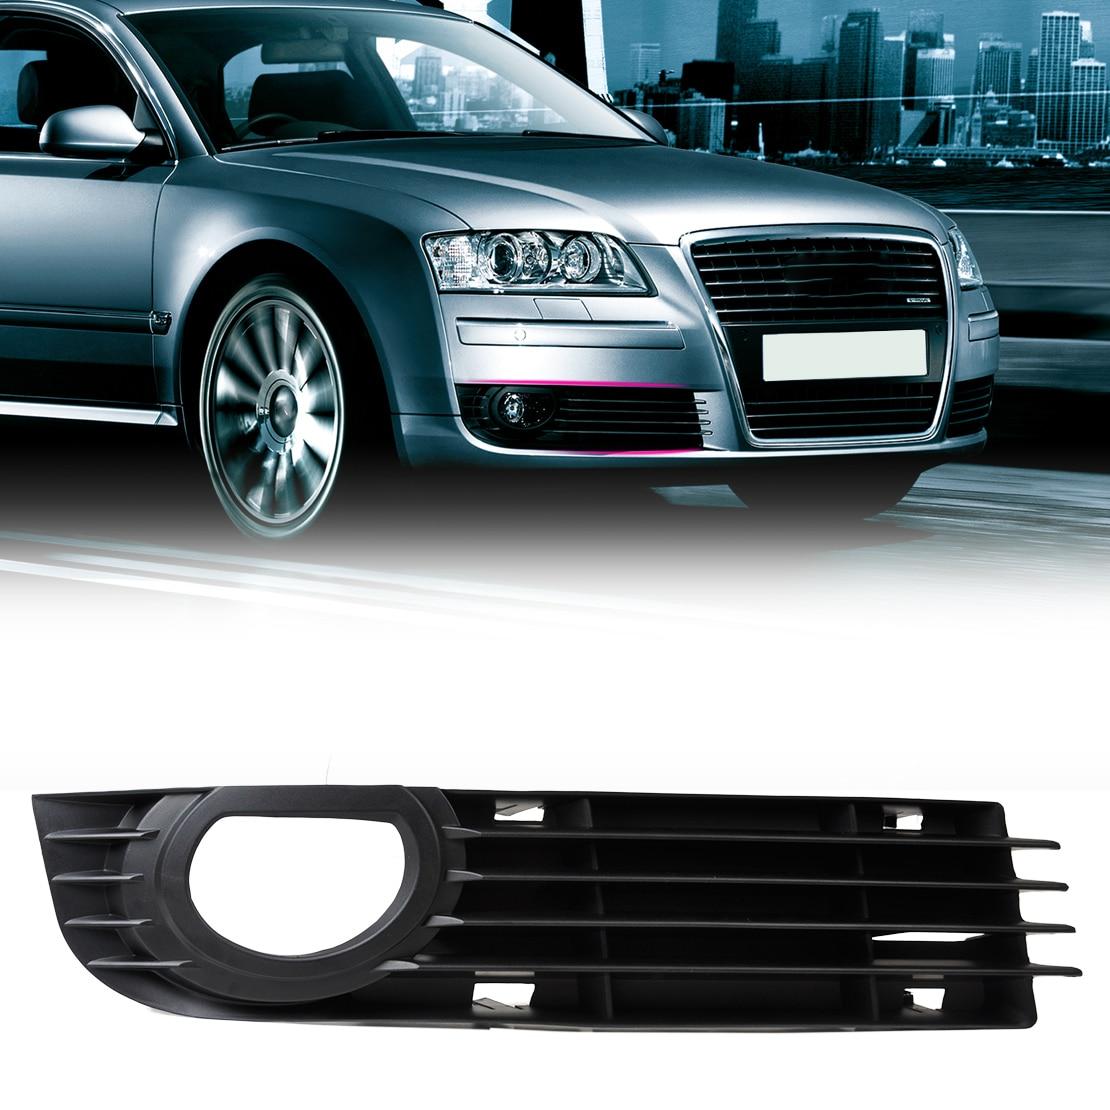 DWCX 4E0807682AB Grilë e përparme në të djathtë Vendosni grilën e dritës së mjegullave të parakolpit Mbroni rrjetën për Audi A8 S8 QUATTRO D3 2006 2007 2008